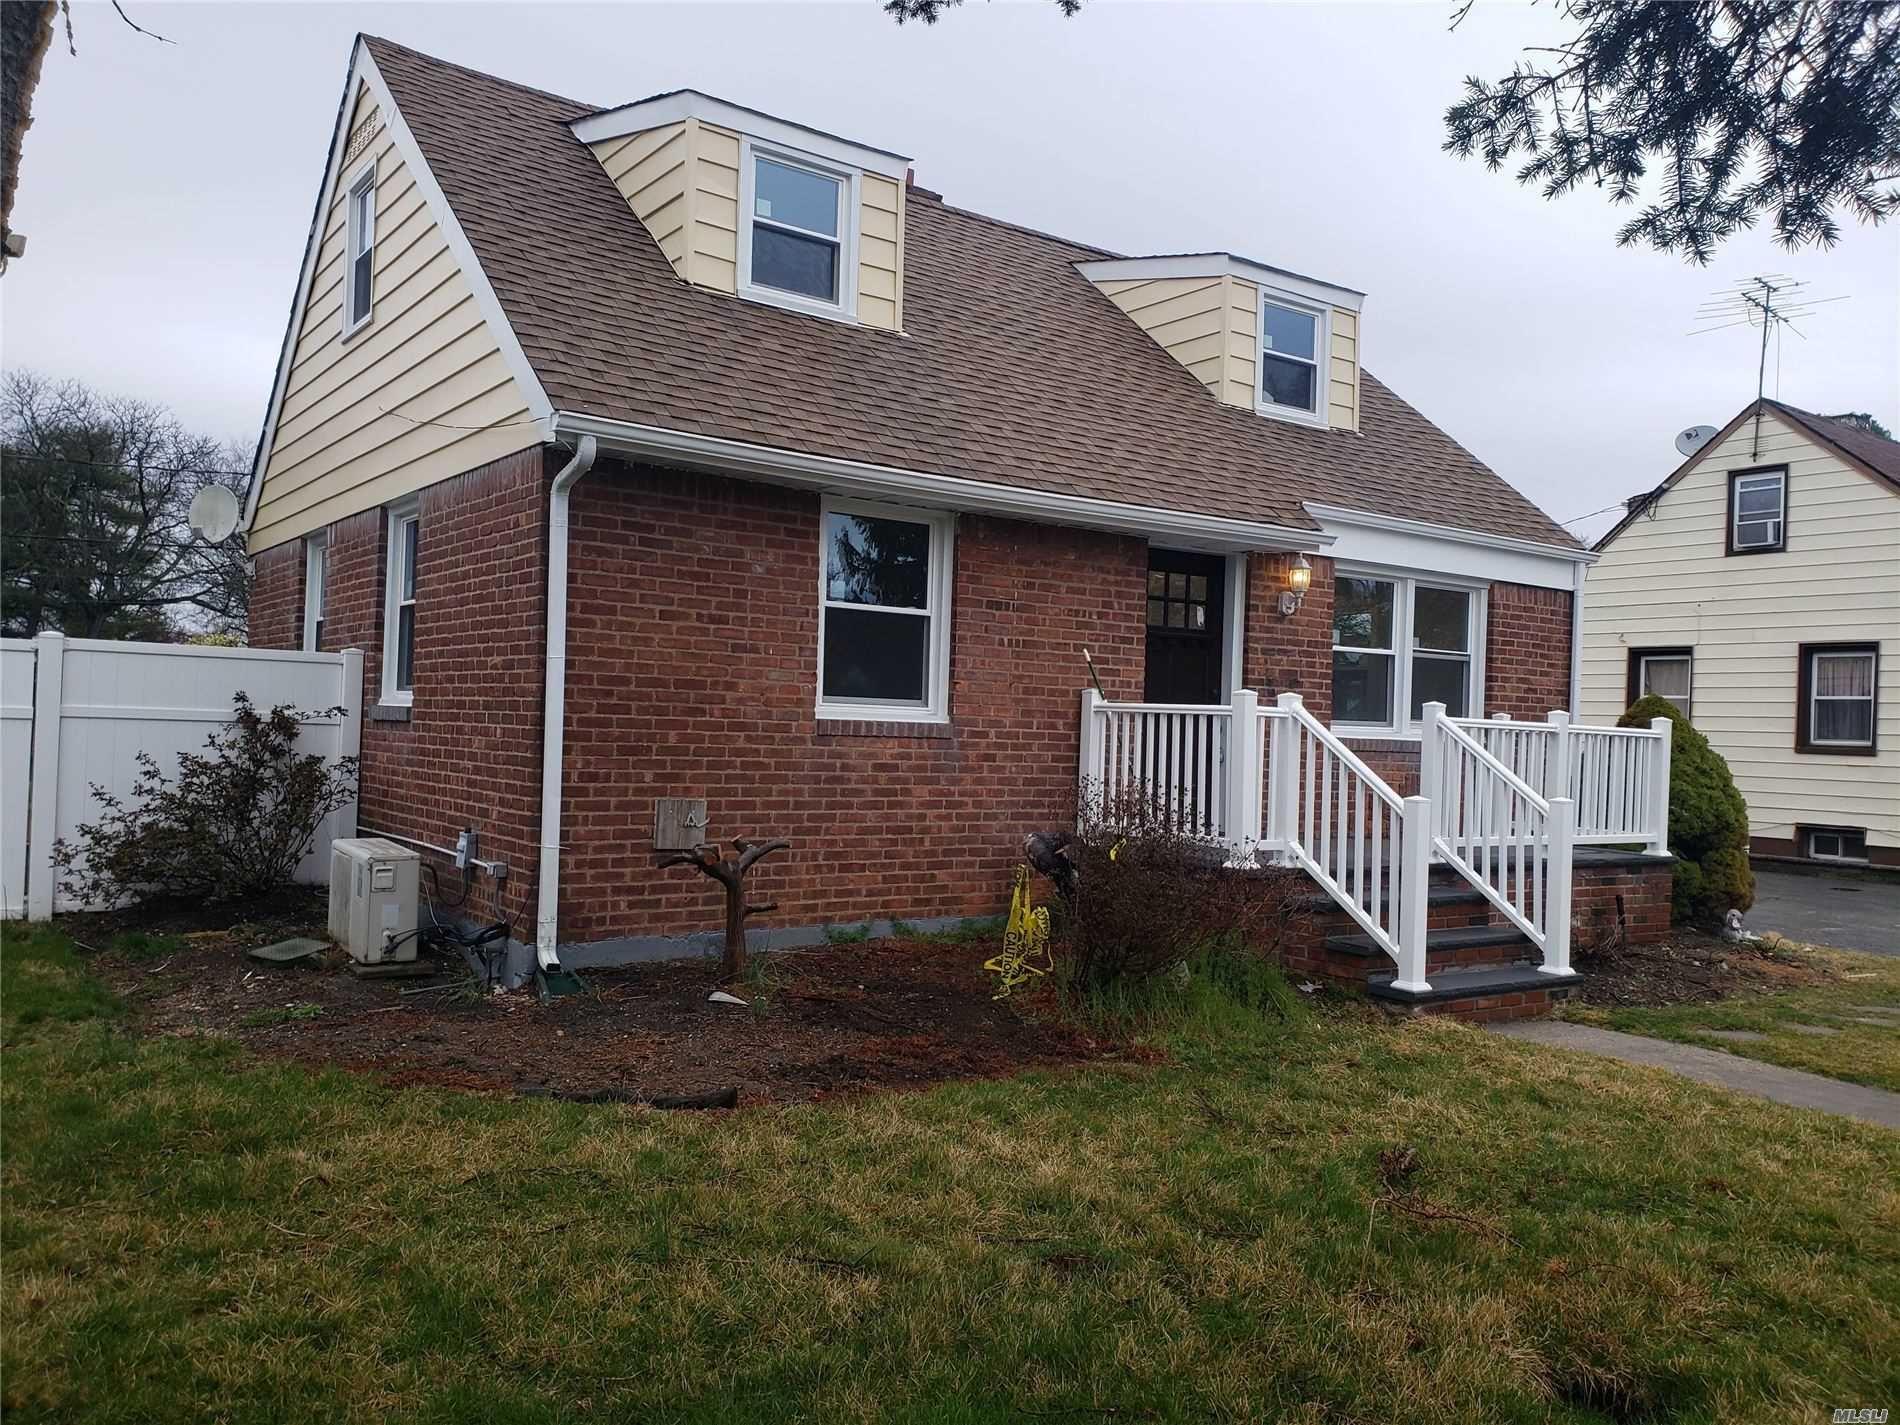 81 8th St, Hicksville, NY 11801 - MLS#: 3217763